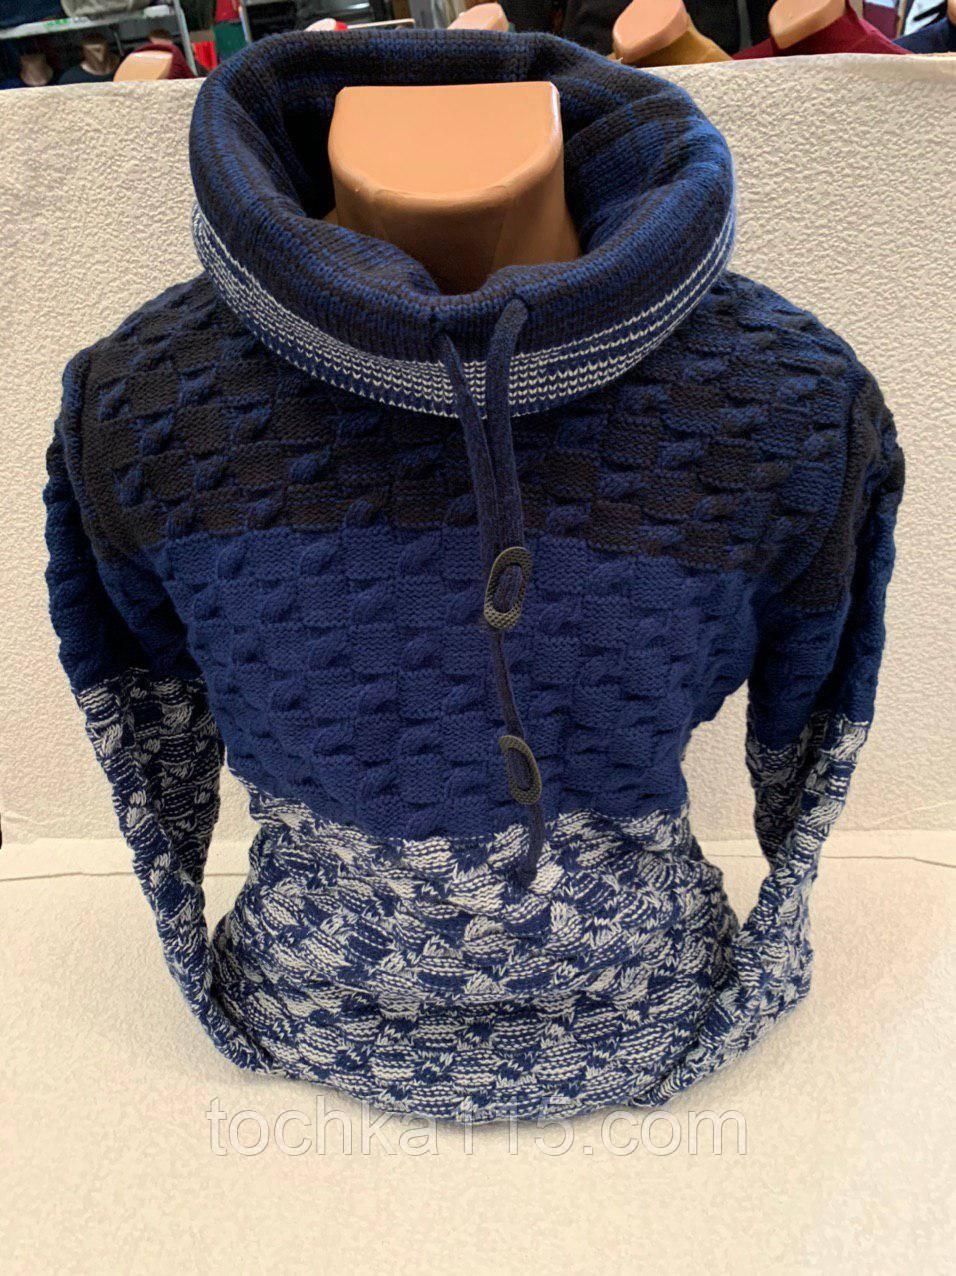 Мужской теплый свитер